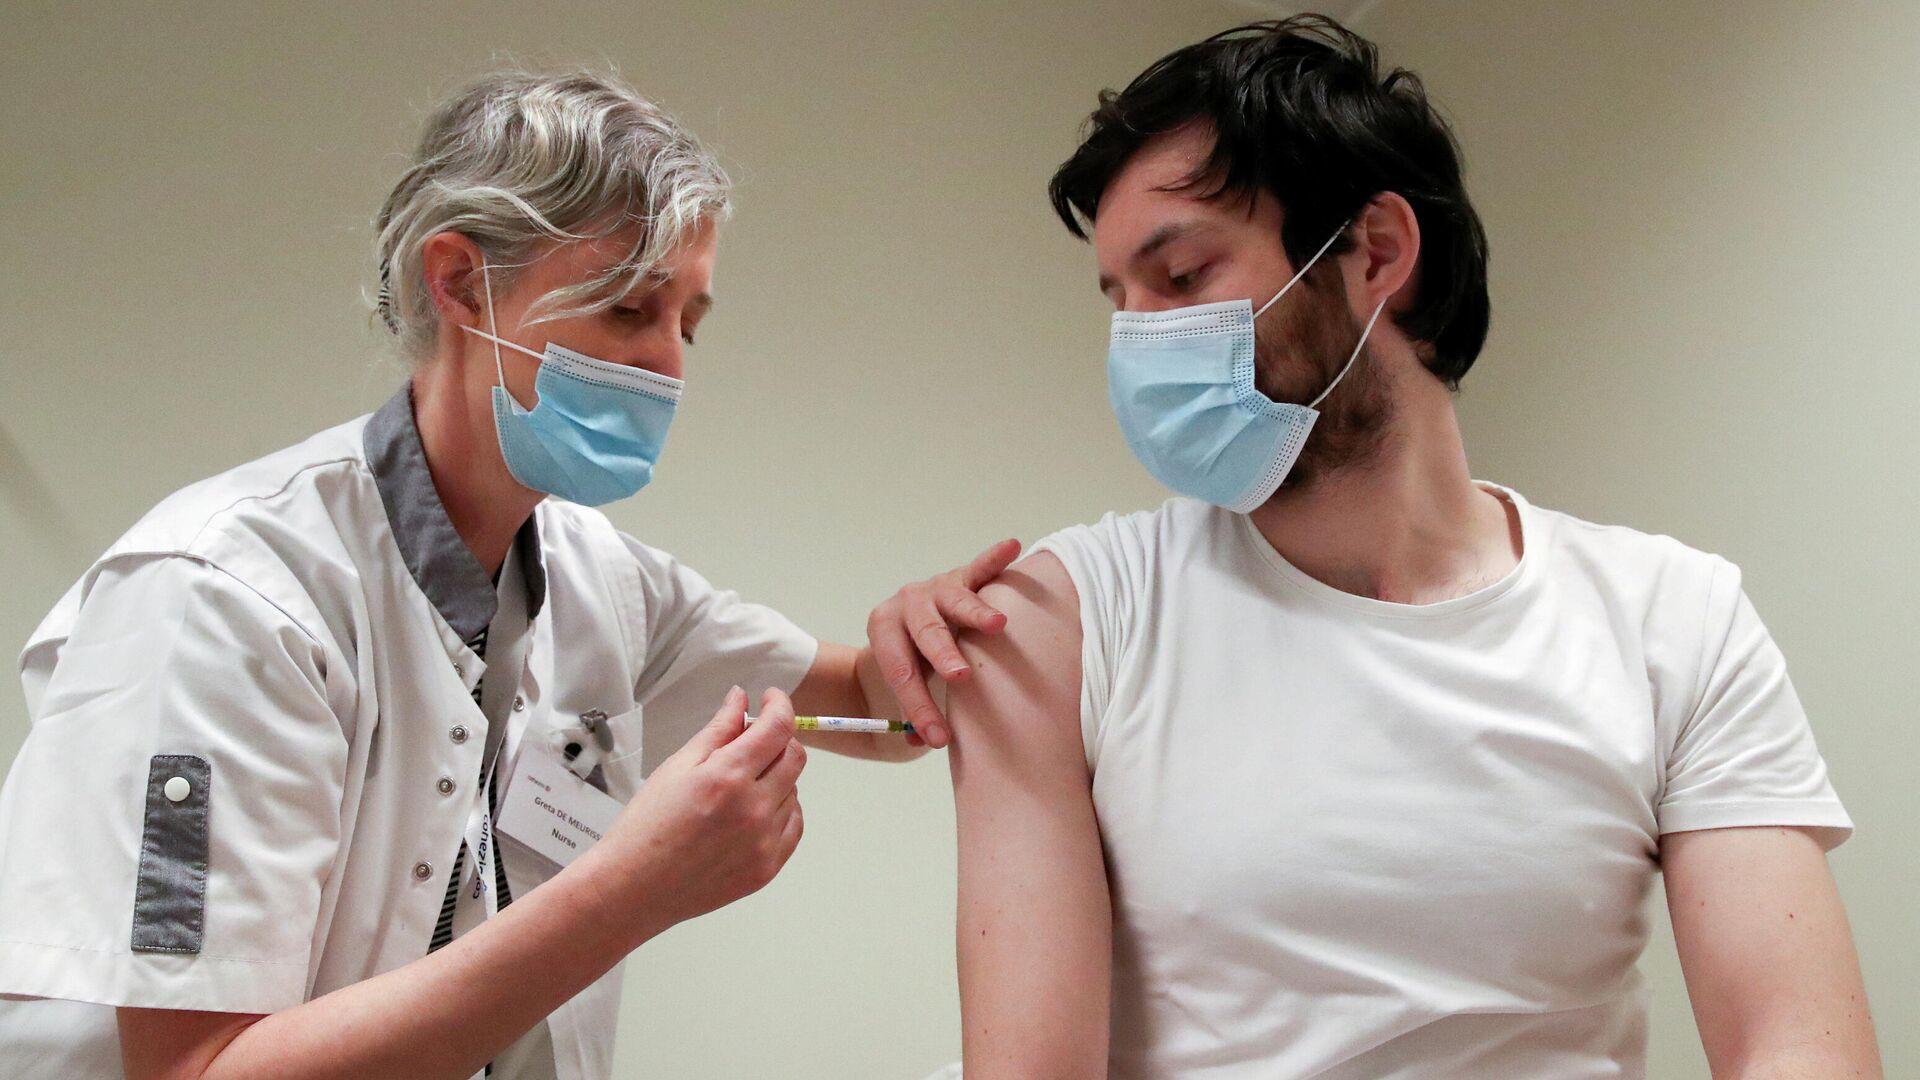 Медицинский работник делает прививку от COVID-19 во время испытаний вакцины CureVac - РИА Новости, 1920, 22.06.2021